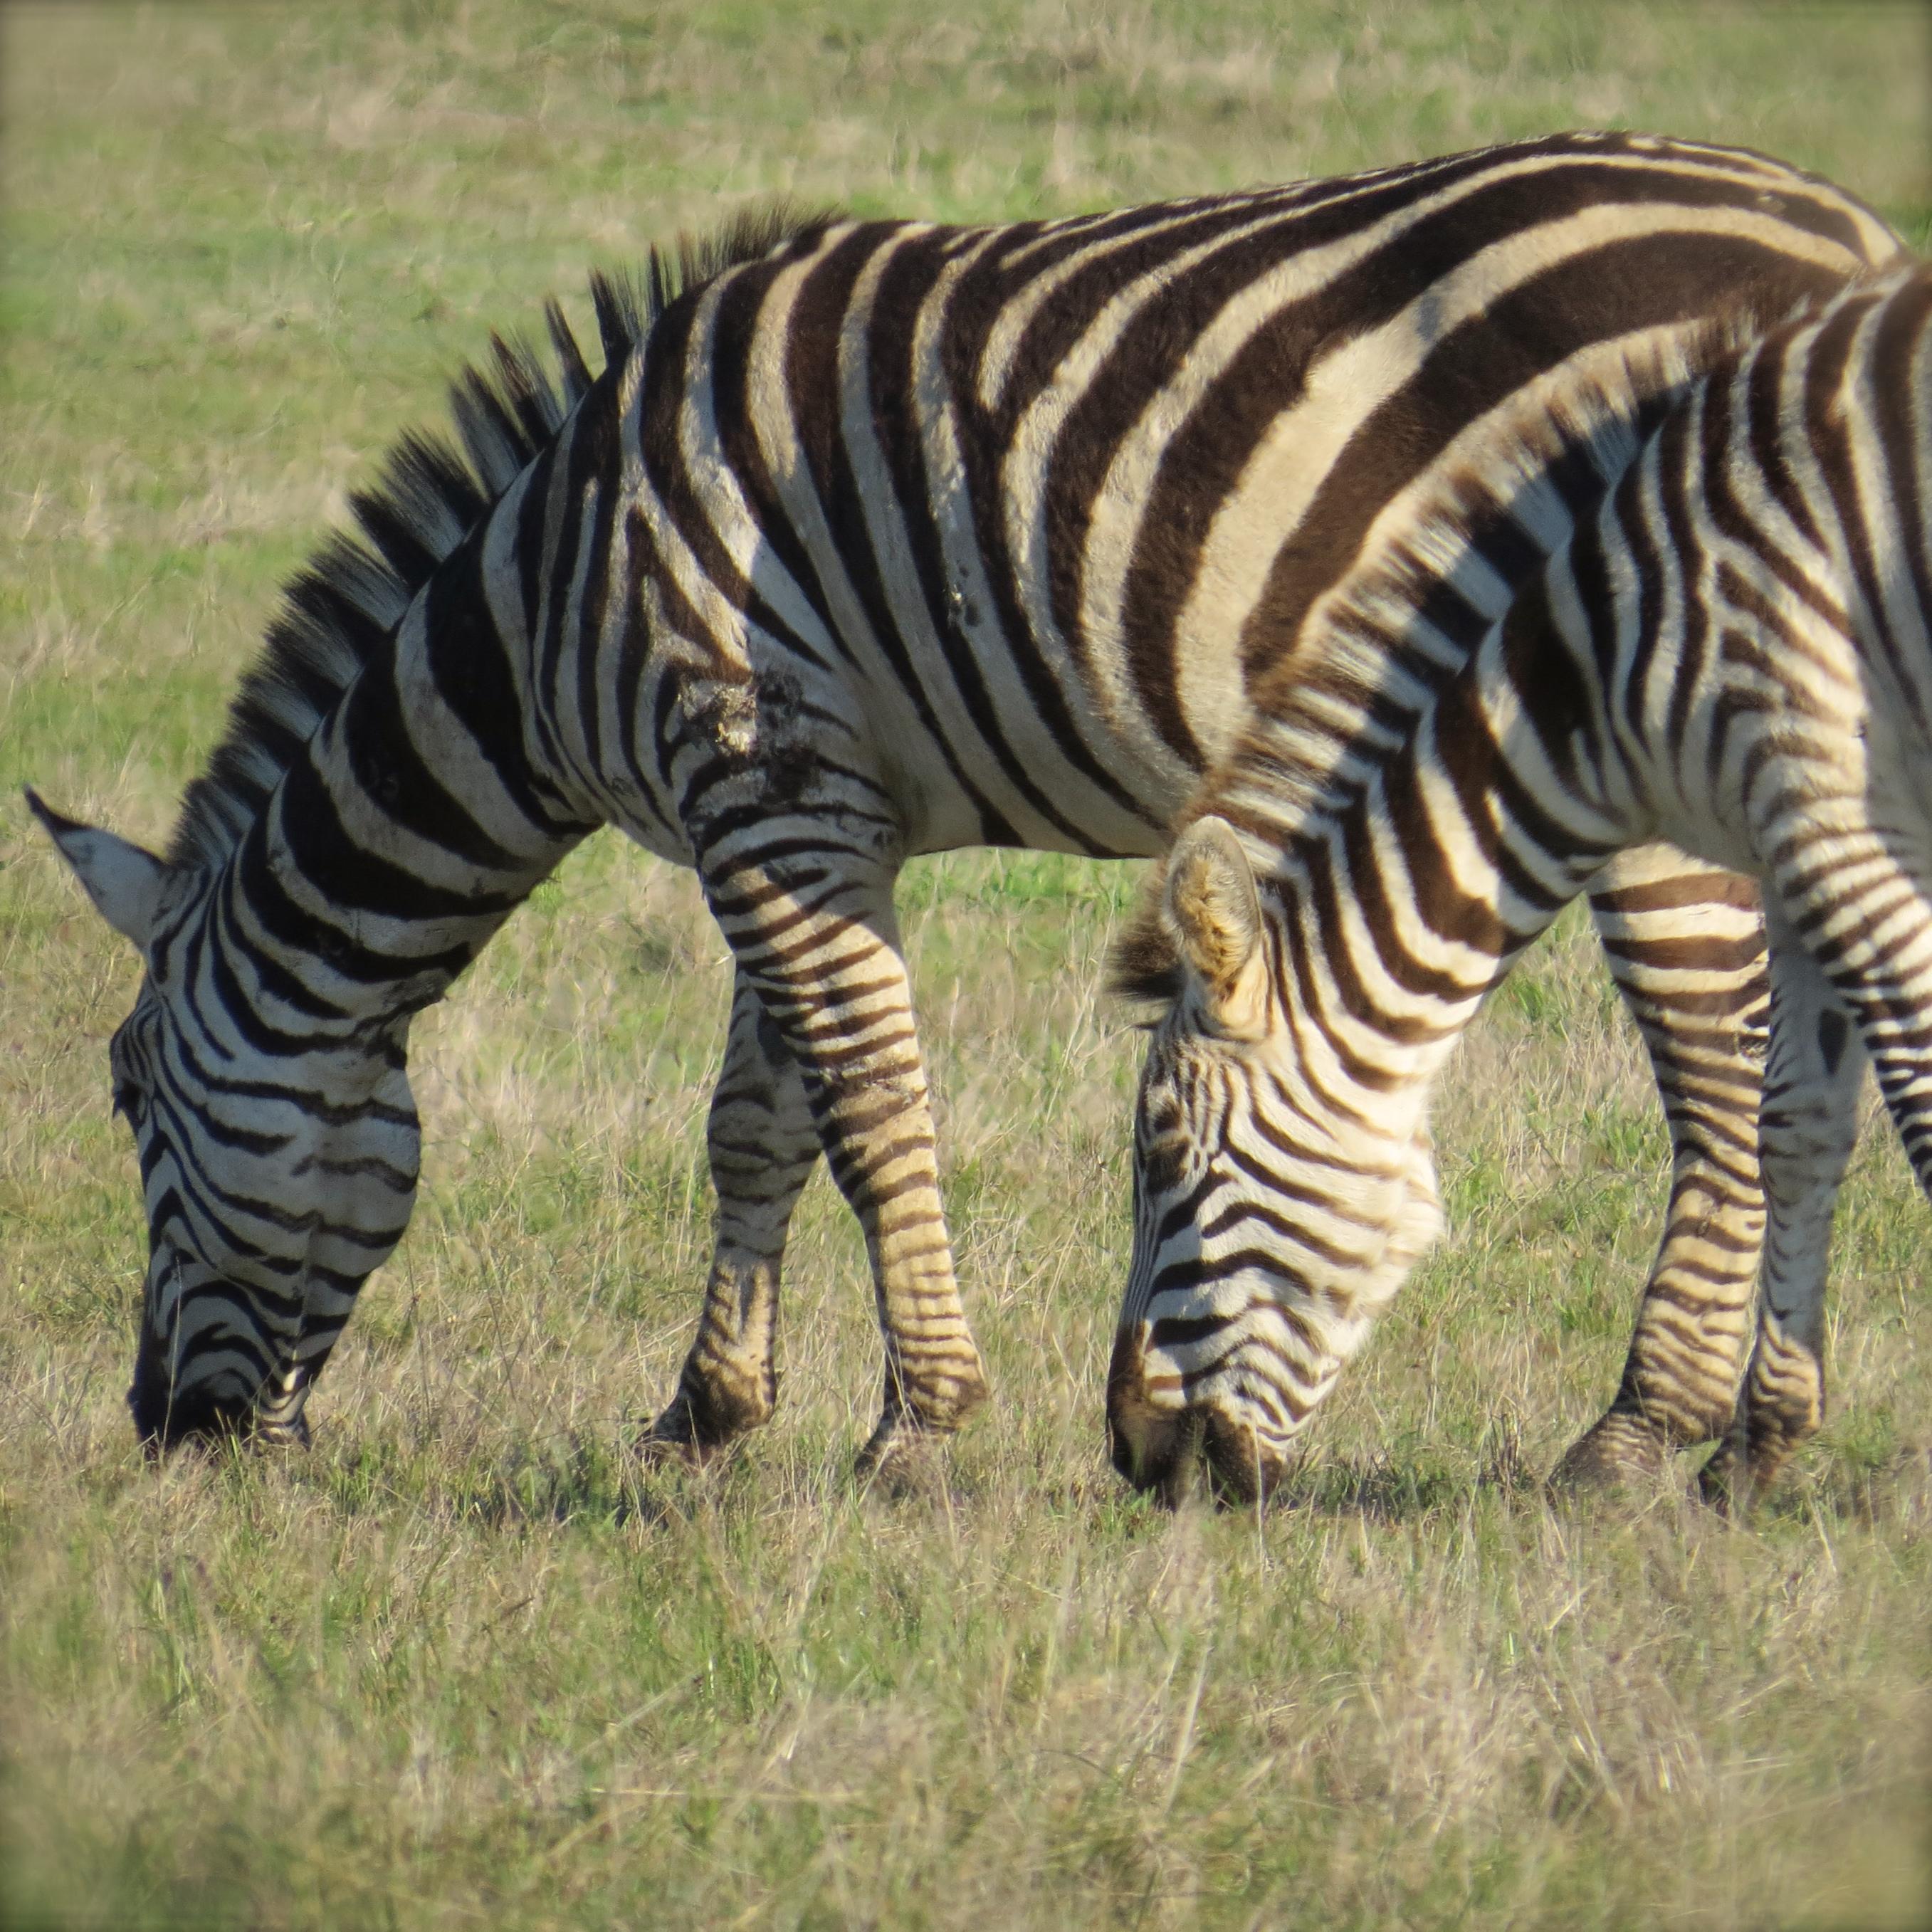 Yep, zebras.